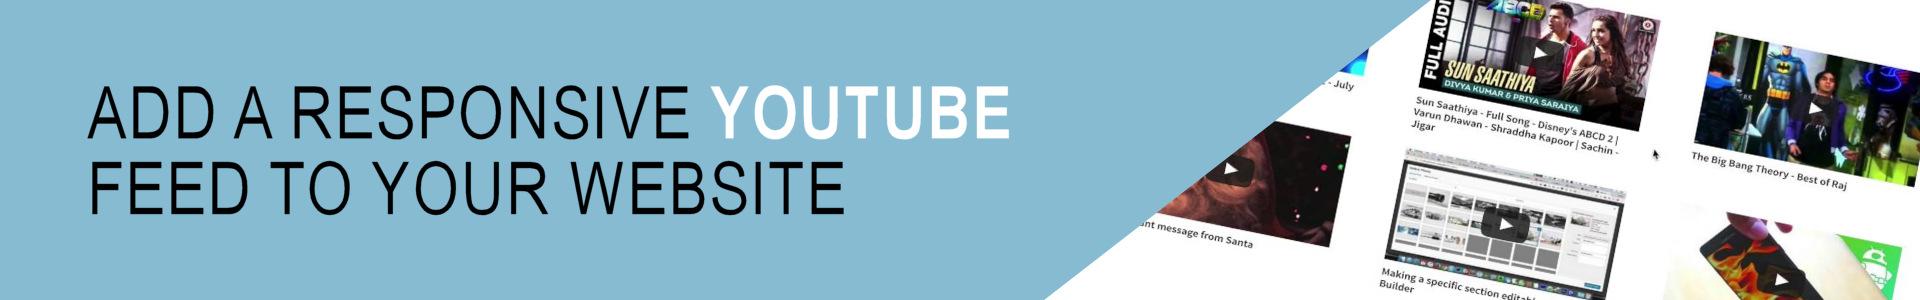 Sample Video Gallery